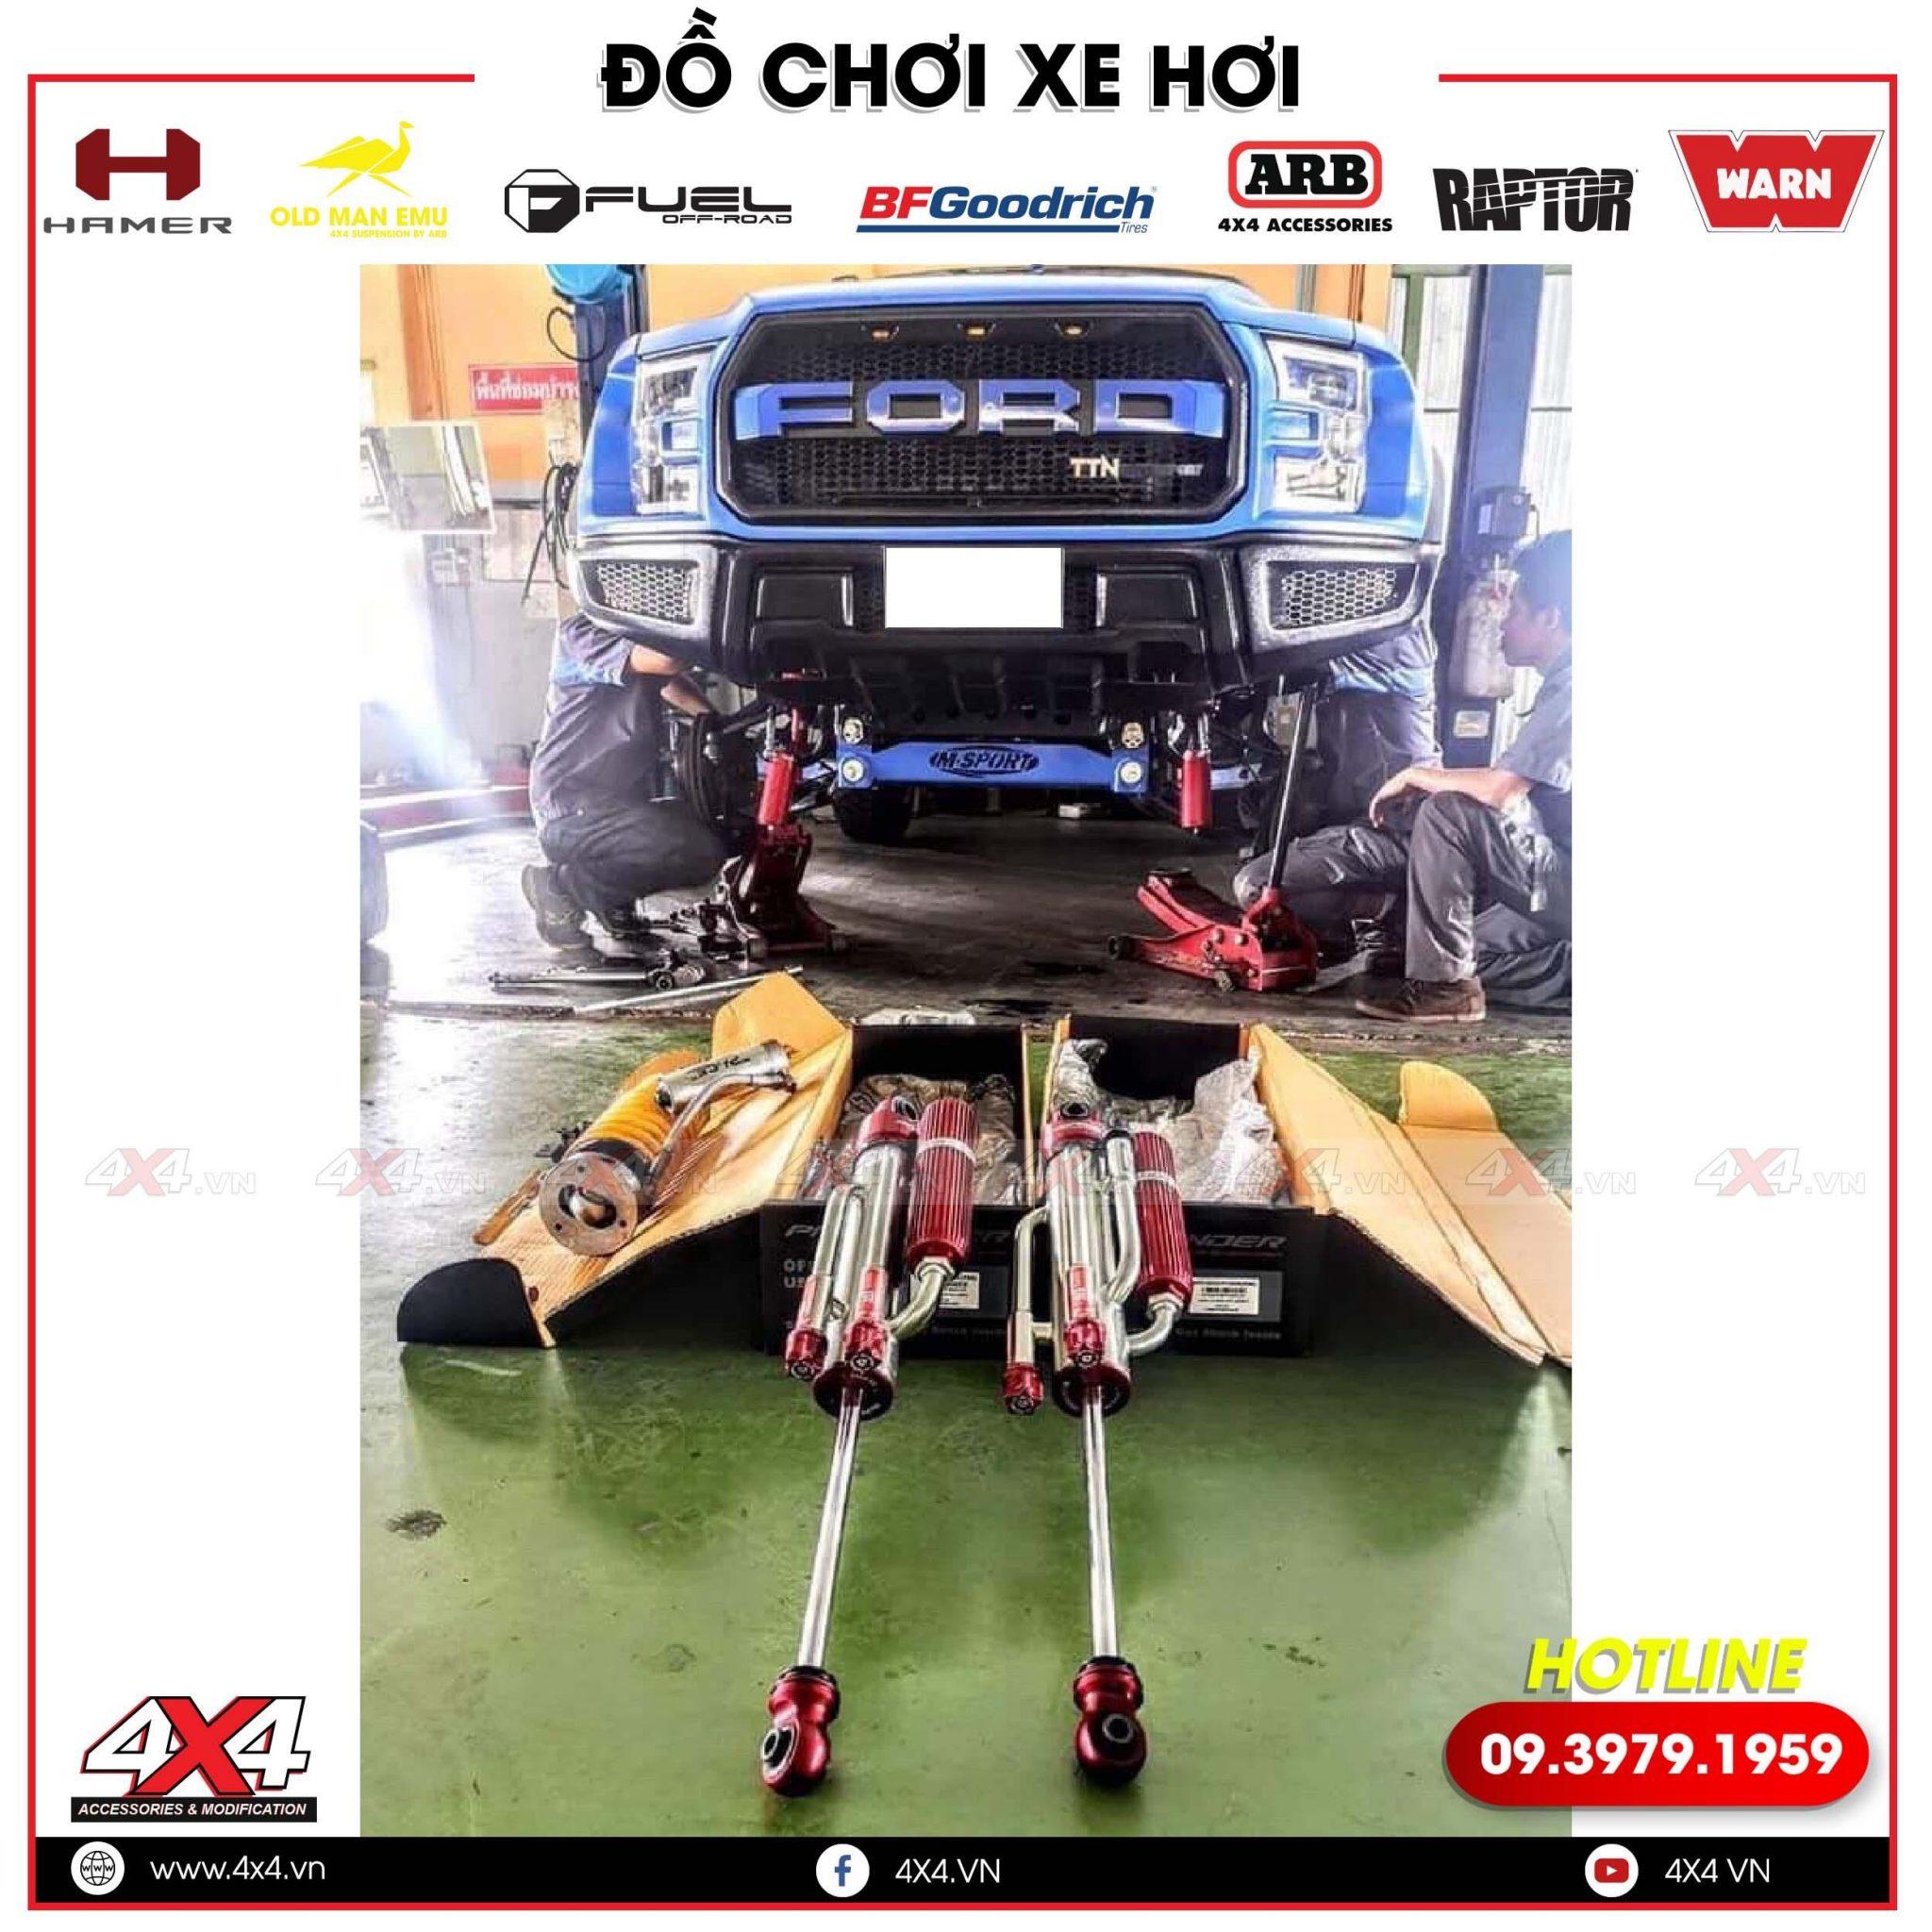 Trên Tay Phuộc Profender Dành Cho Ford Ranger Siêu Đẹp tại Shop 4x4